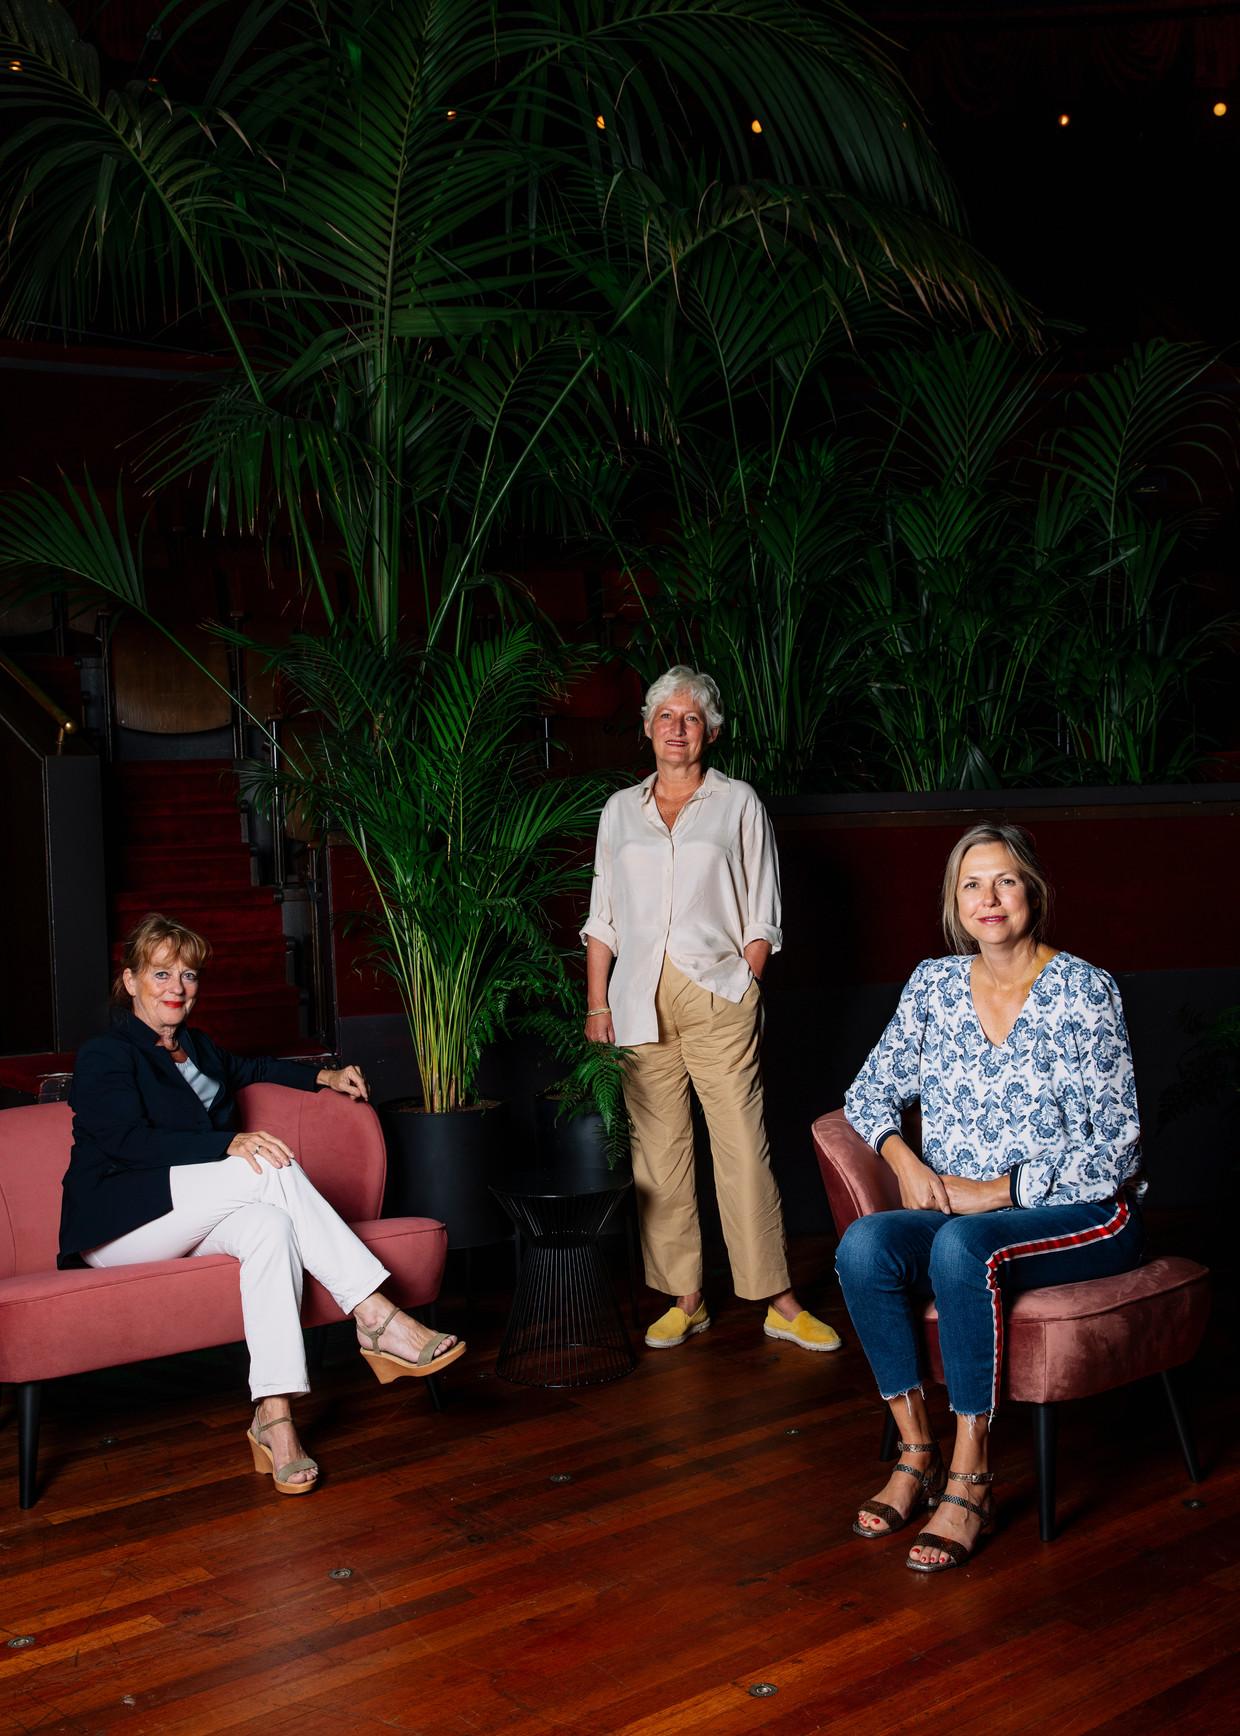 Vlnr: Jeannette Smit (Theater Bellevue), Vivienne Ypma (De Kleine Komedie) en Madeleine van der Zwaan (Carré).